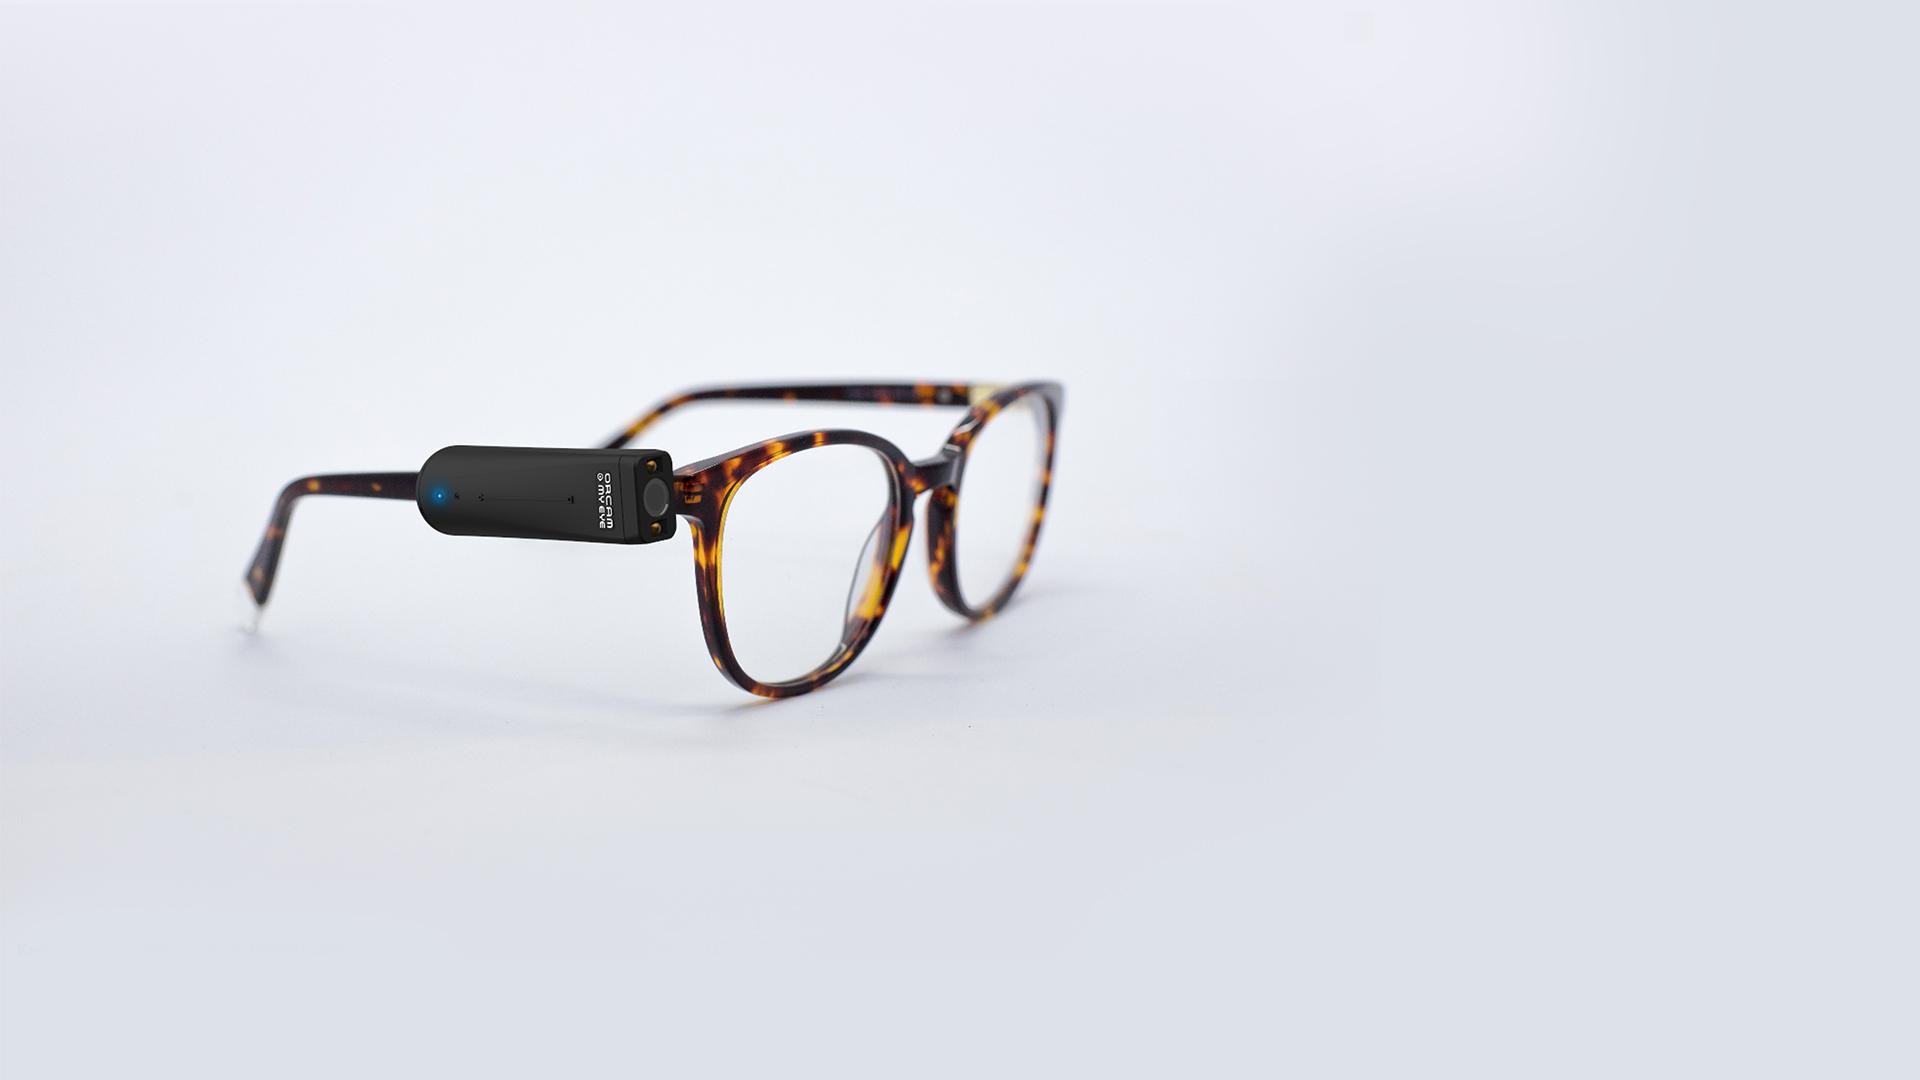 DOLLAR SIGN $ Hologram Sunglasses Poker Glasses Novelty Texas Holdem John Lennon